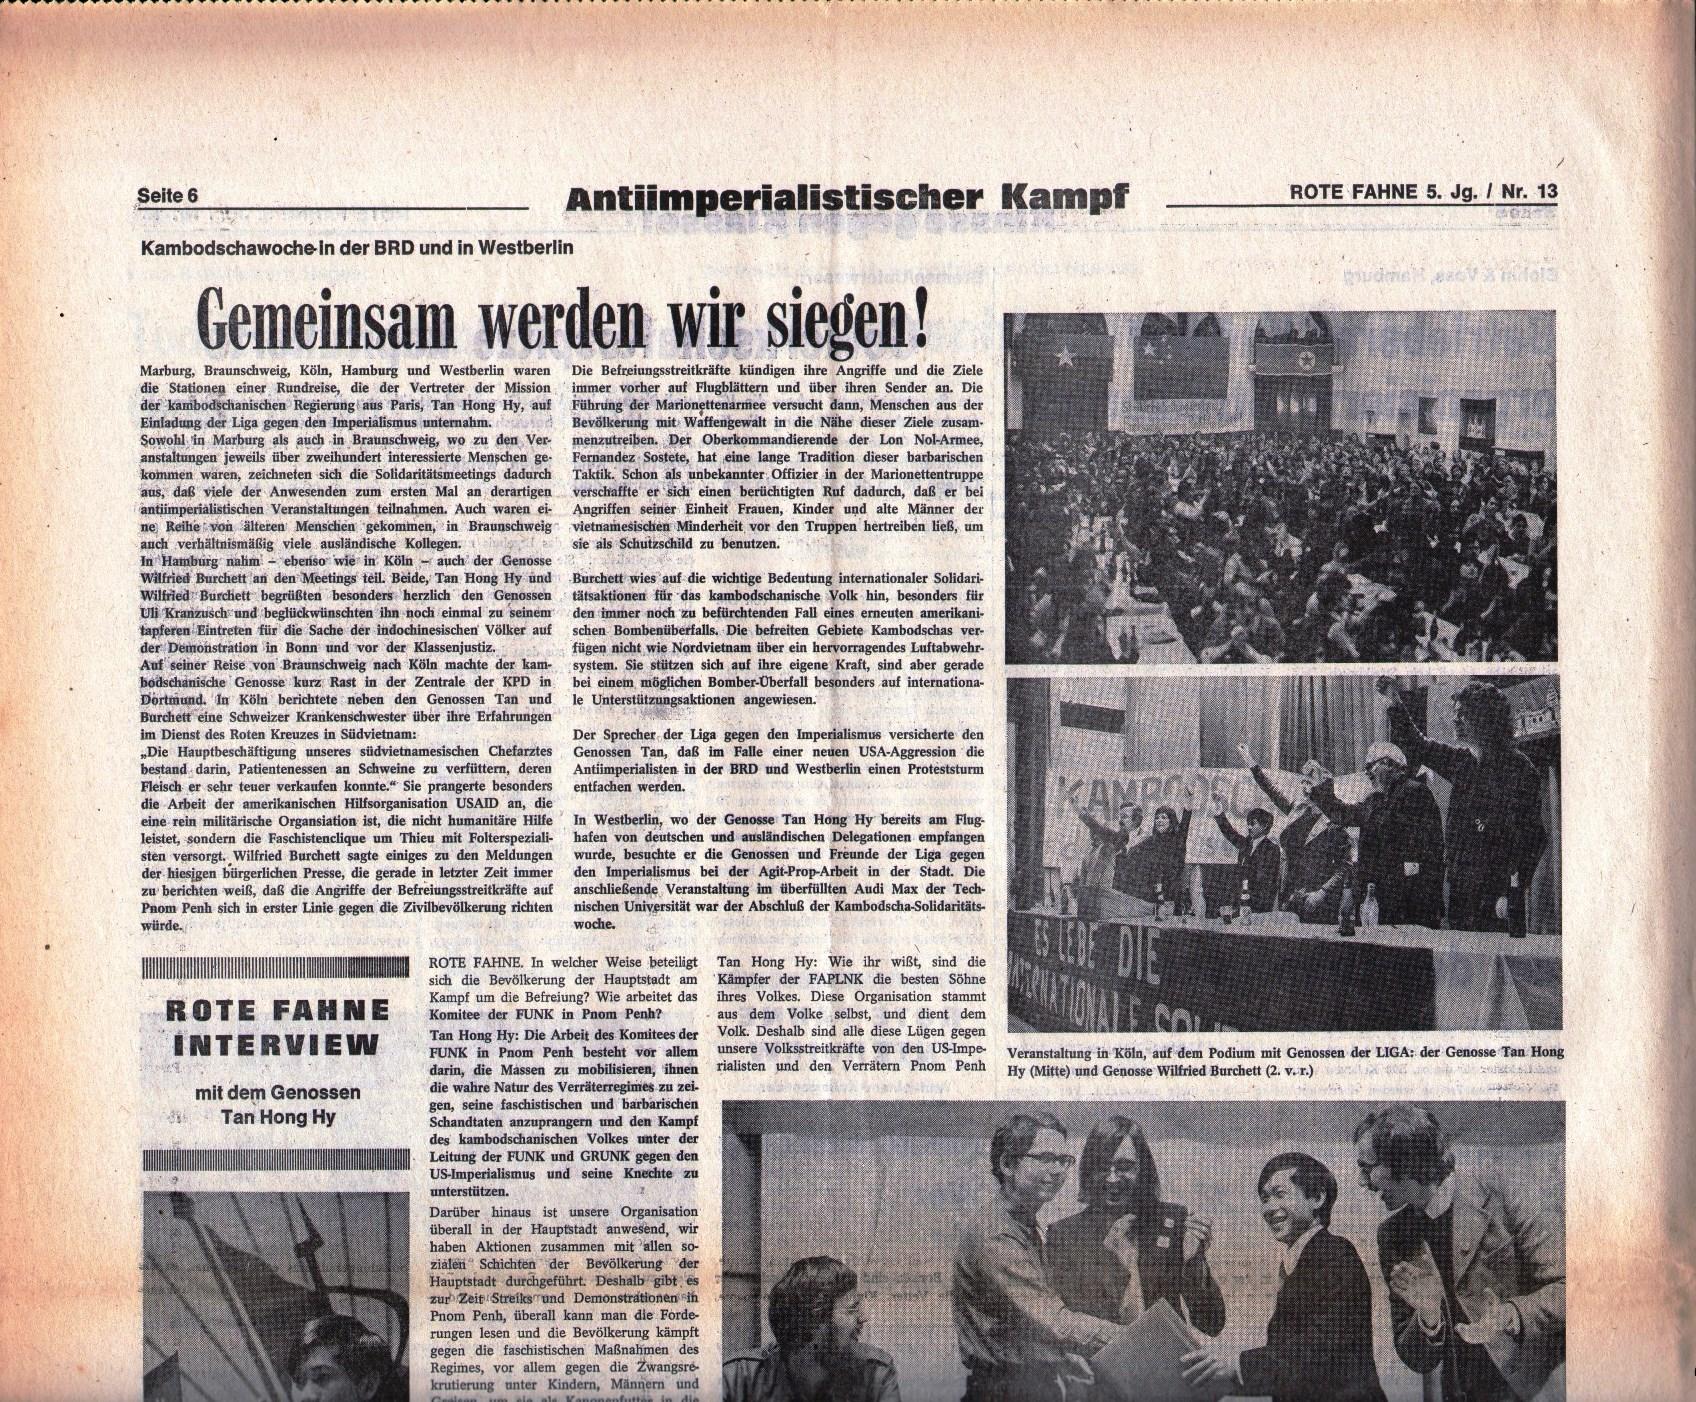 KPD_Rote_Fahne_1974_13_11